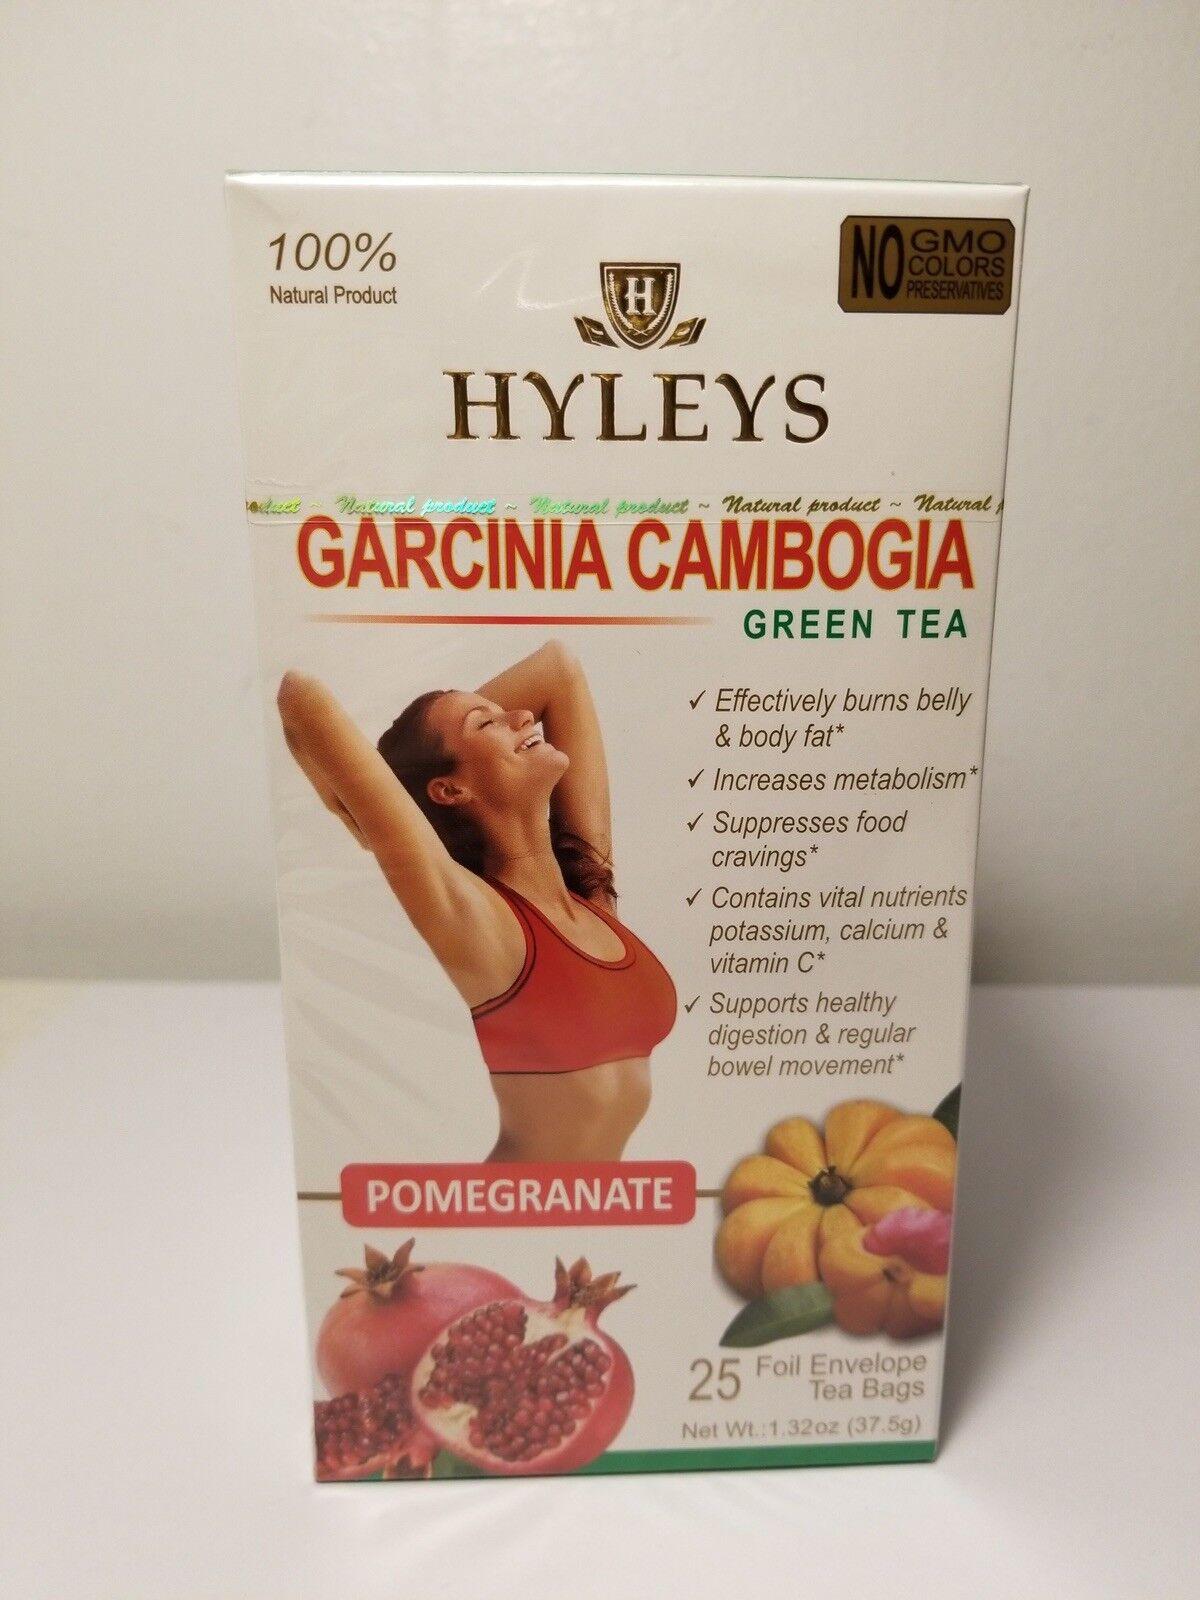 2 Boxes Hyleys Garcinia Cambogia Green Tea Pomegranate 100 Natural